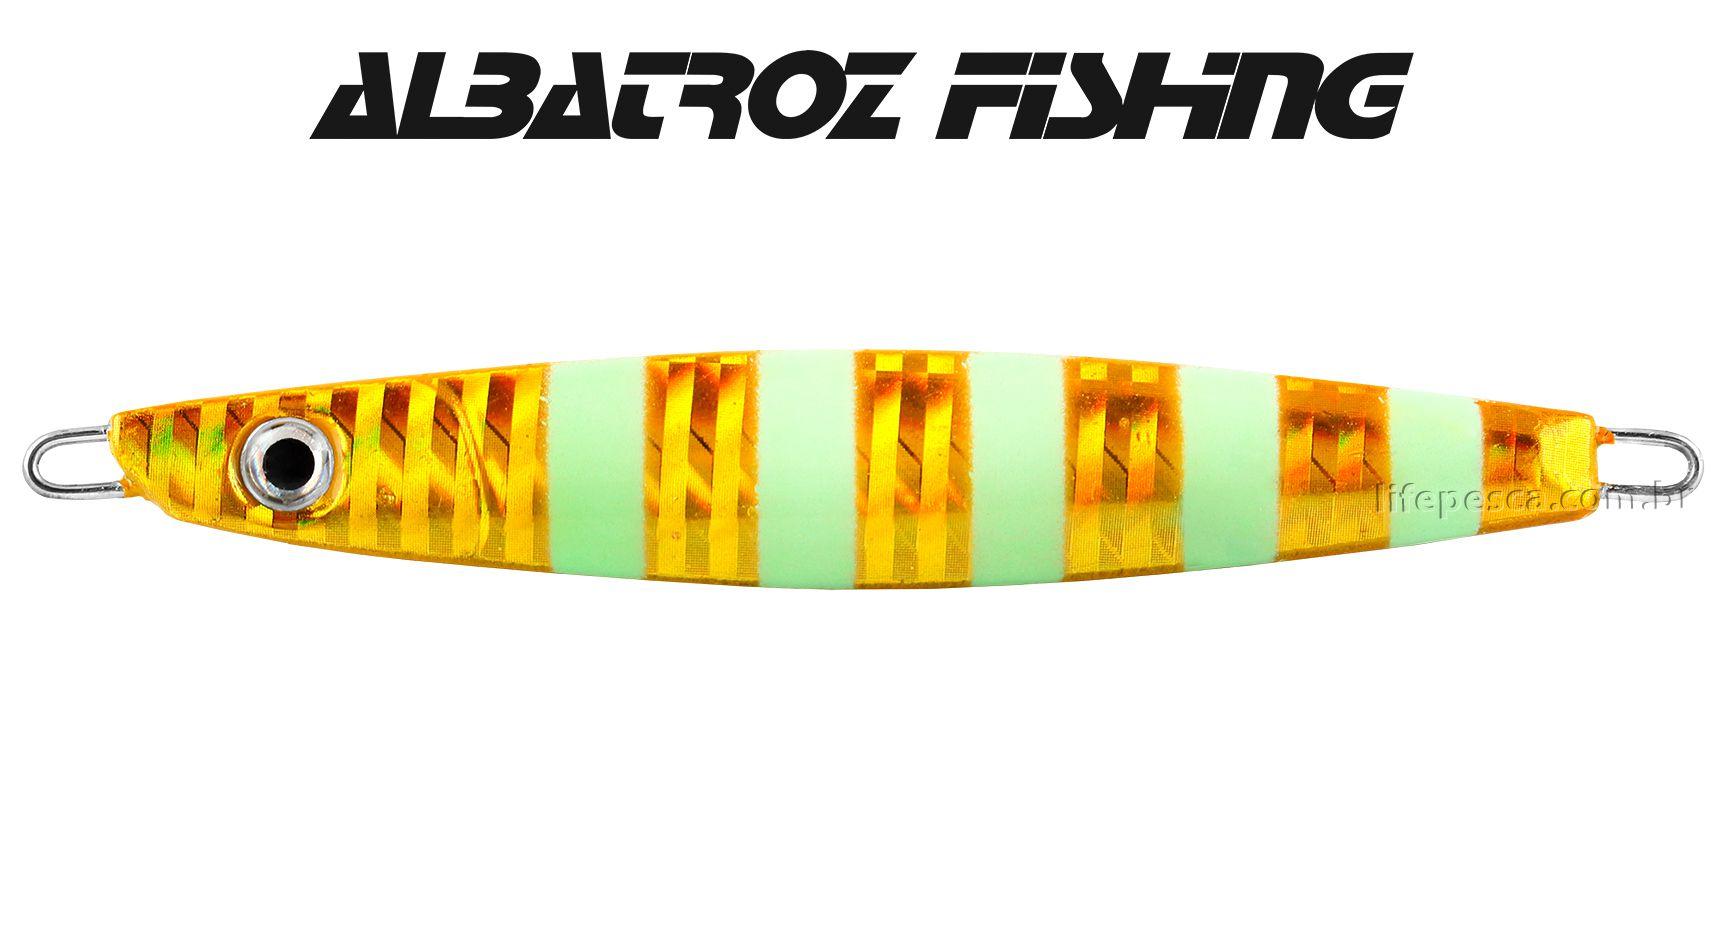 Isca Artificial Albatroz Fishing  Jumping Jig Dragon (125g) - Várias Cores  - Life Pesca - Sua loja de Pesca, Camping e Lazer